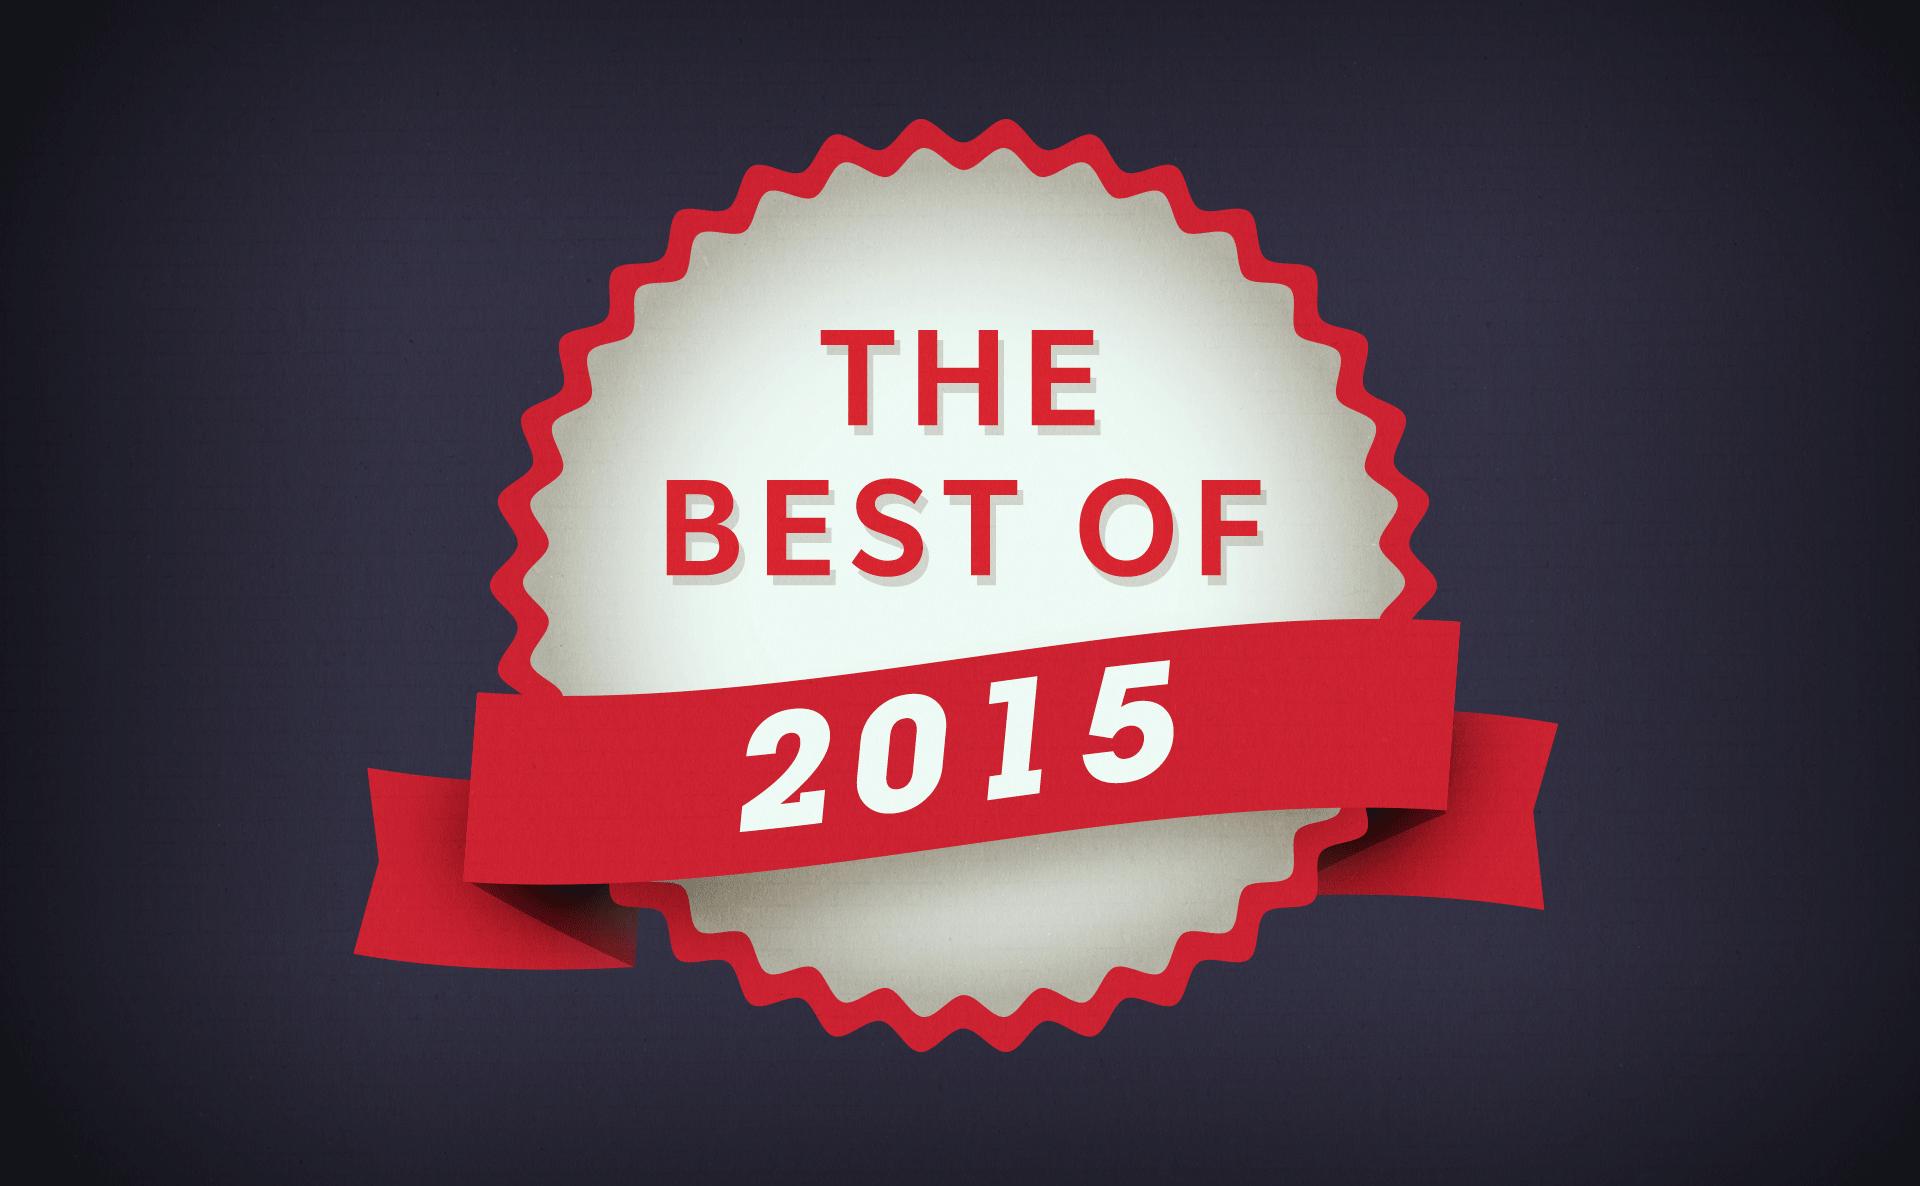 best-of-2015-1920-x-1186